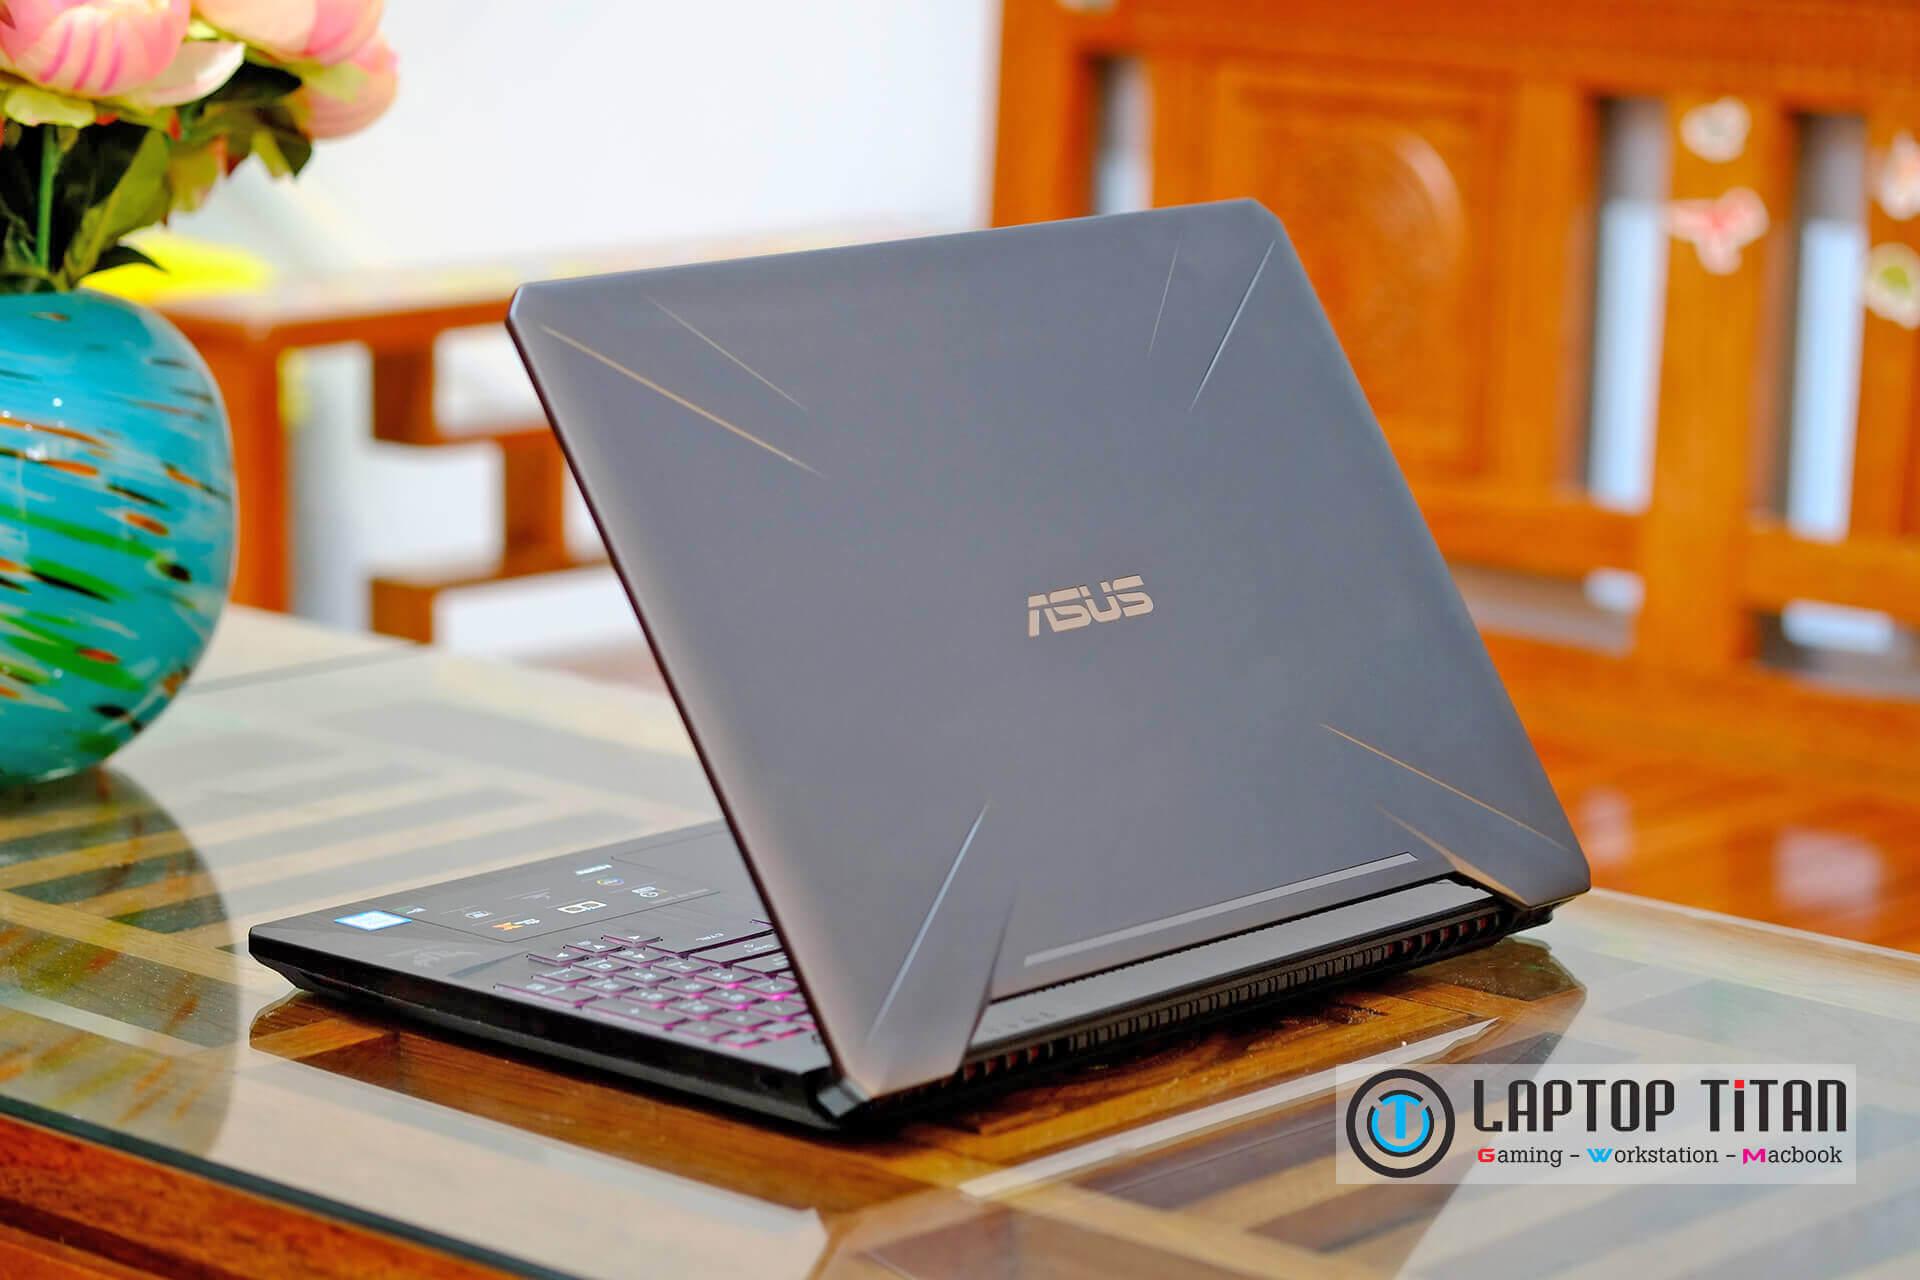 Asus Tuf FX505DT Ryzen 5 3550H / 8GB / 512GB / GTX 1650 4GB / FHD 120Hz